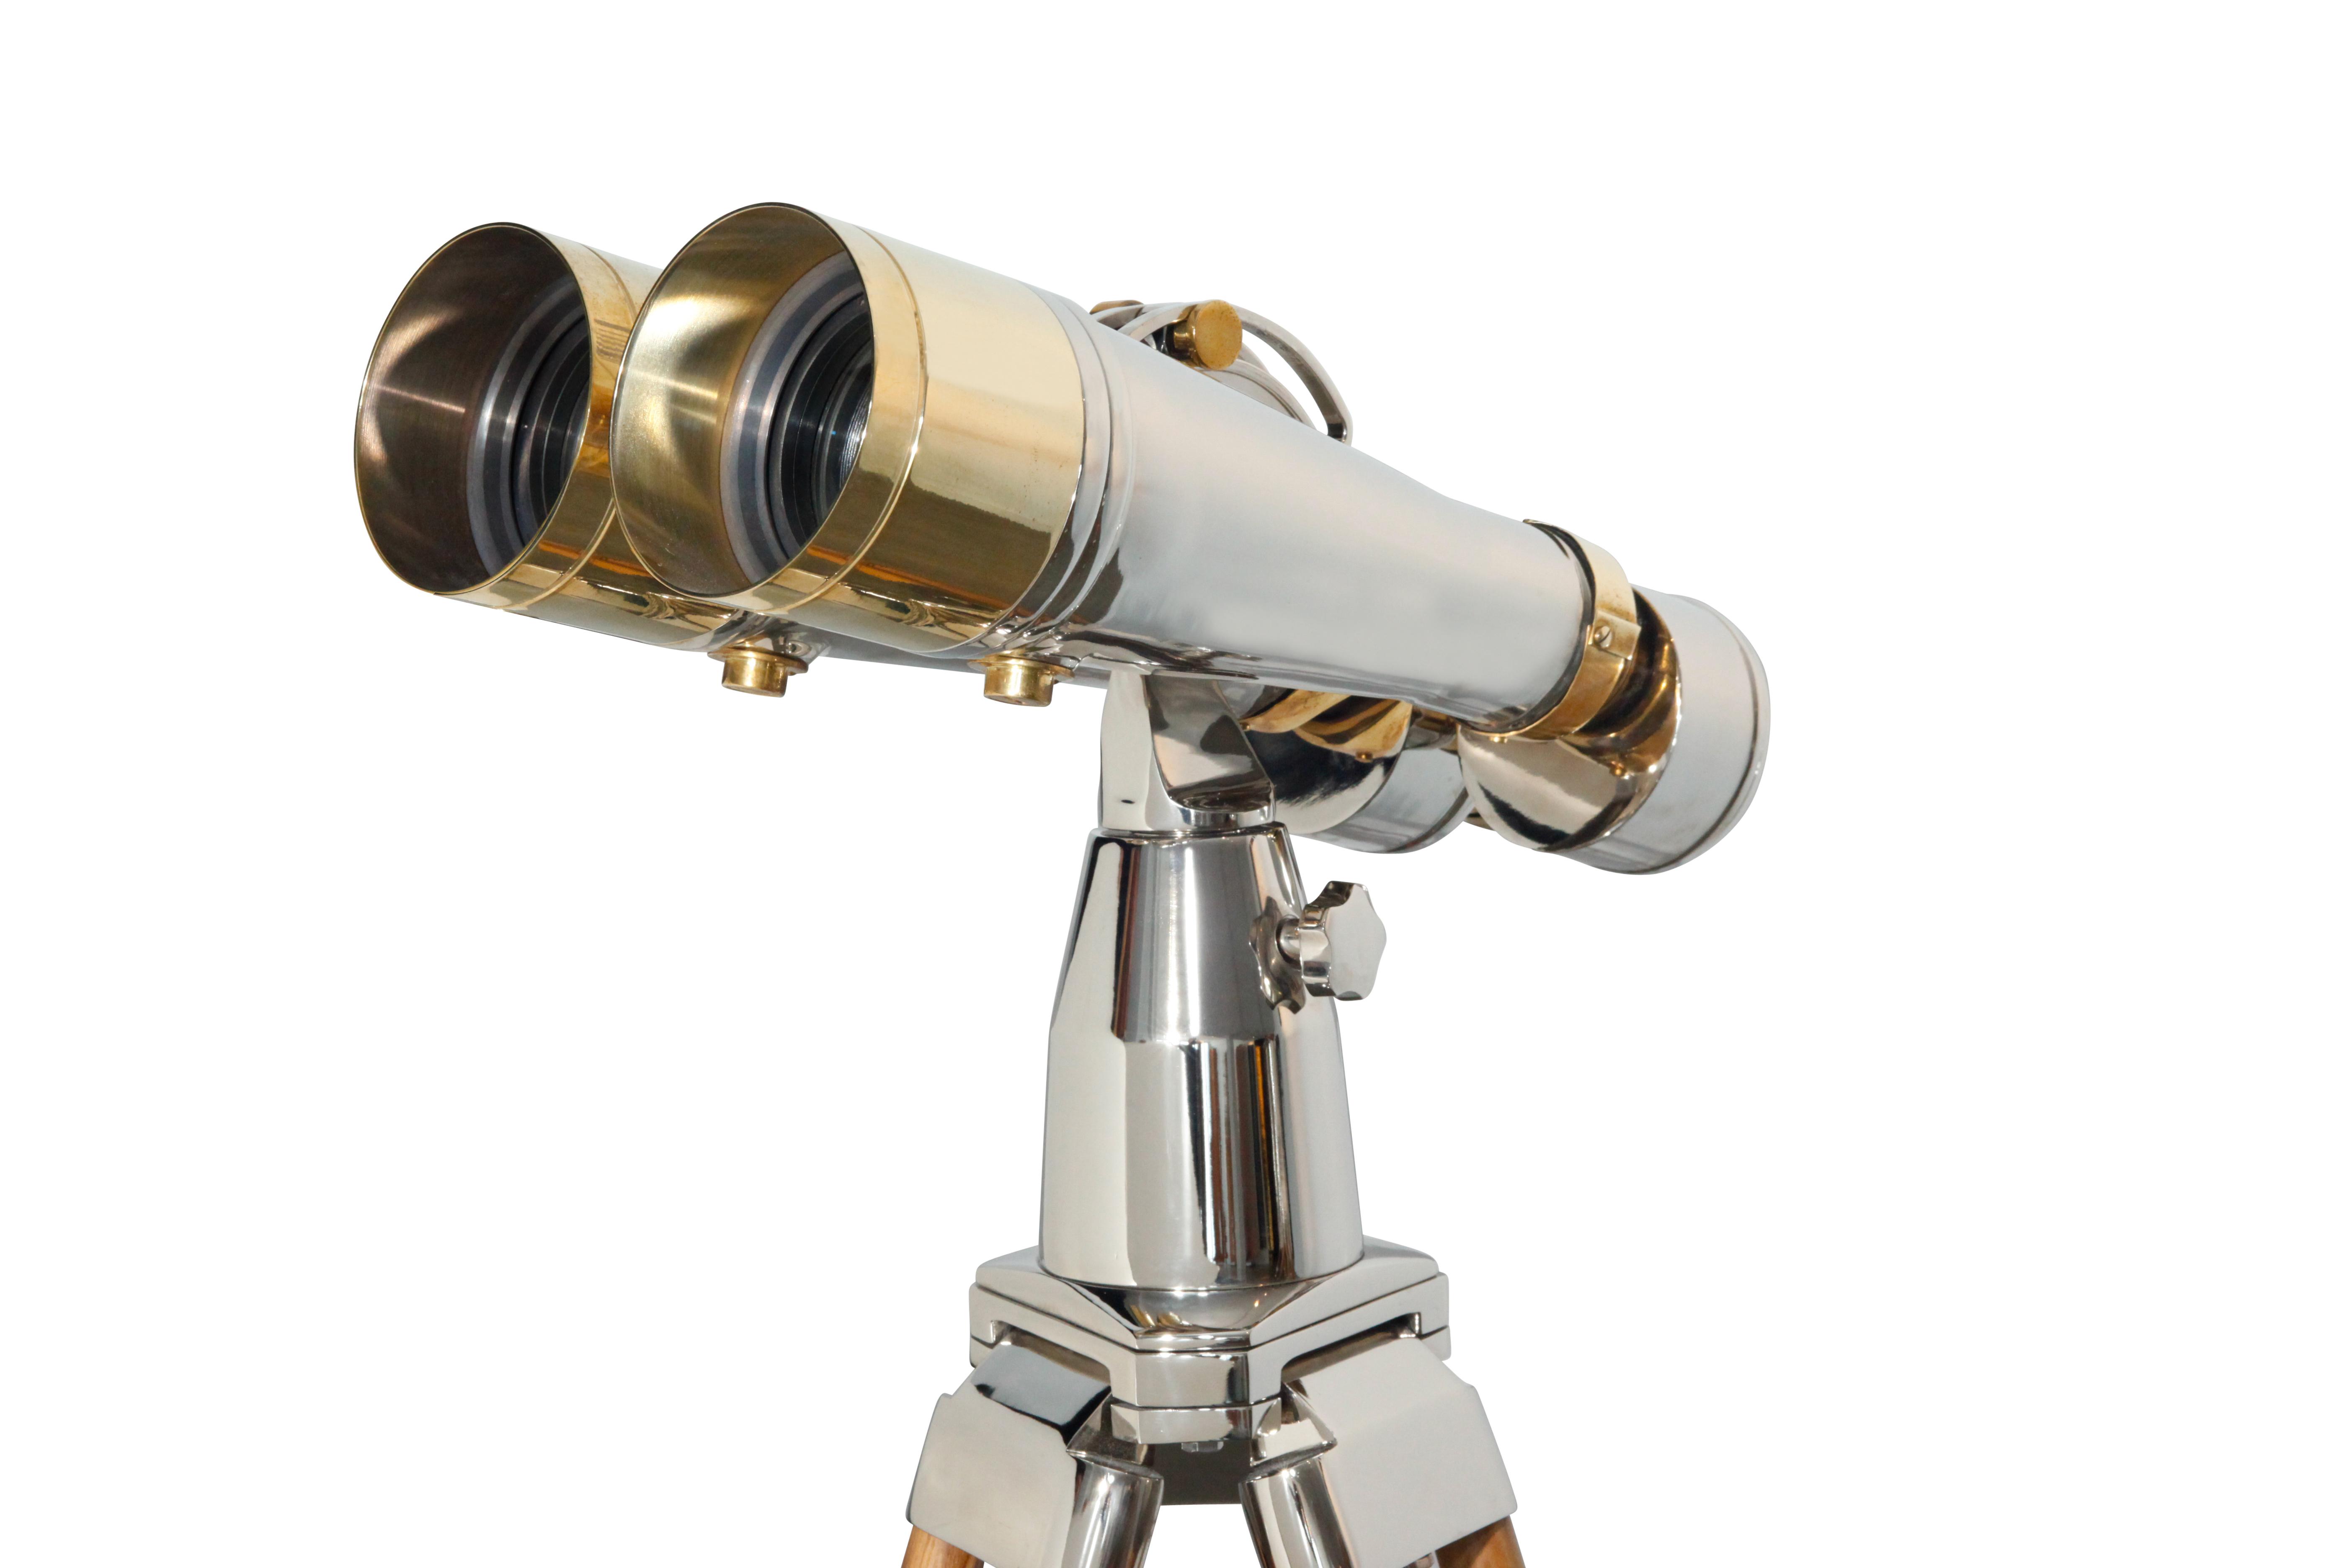 15x80-0deg-bigeye binocular